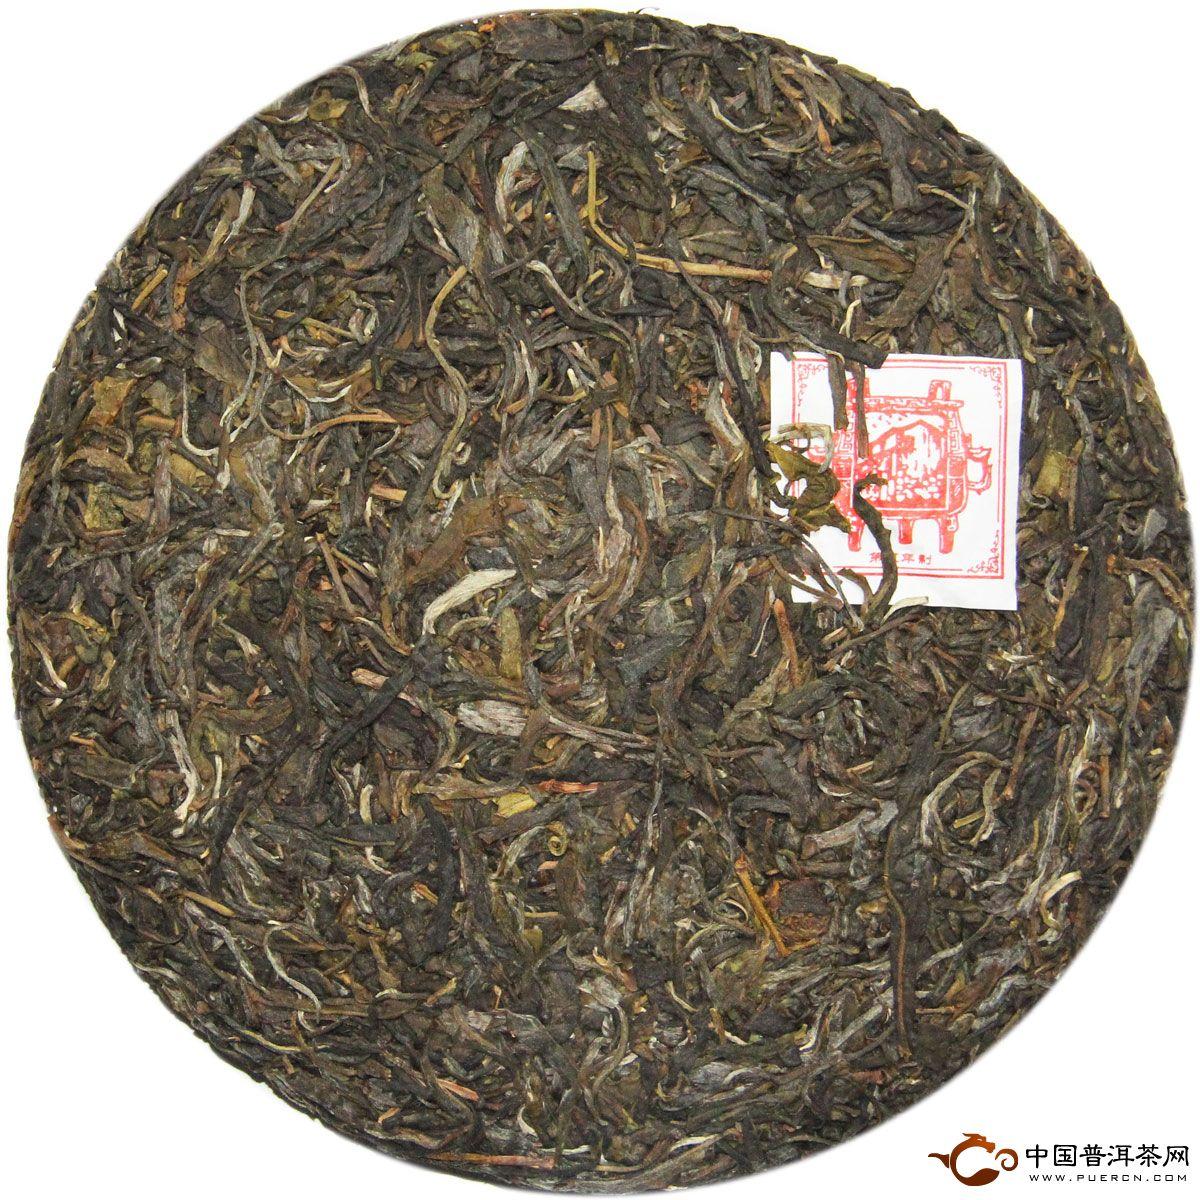 2013年陈升号(复原昌号易武圆茶)生茶 400克